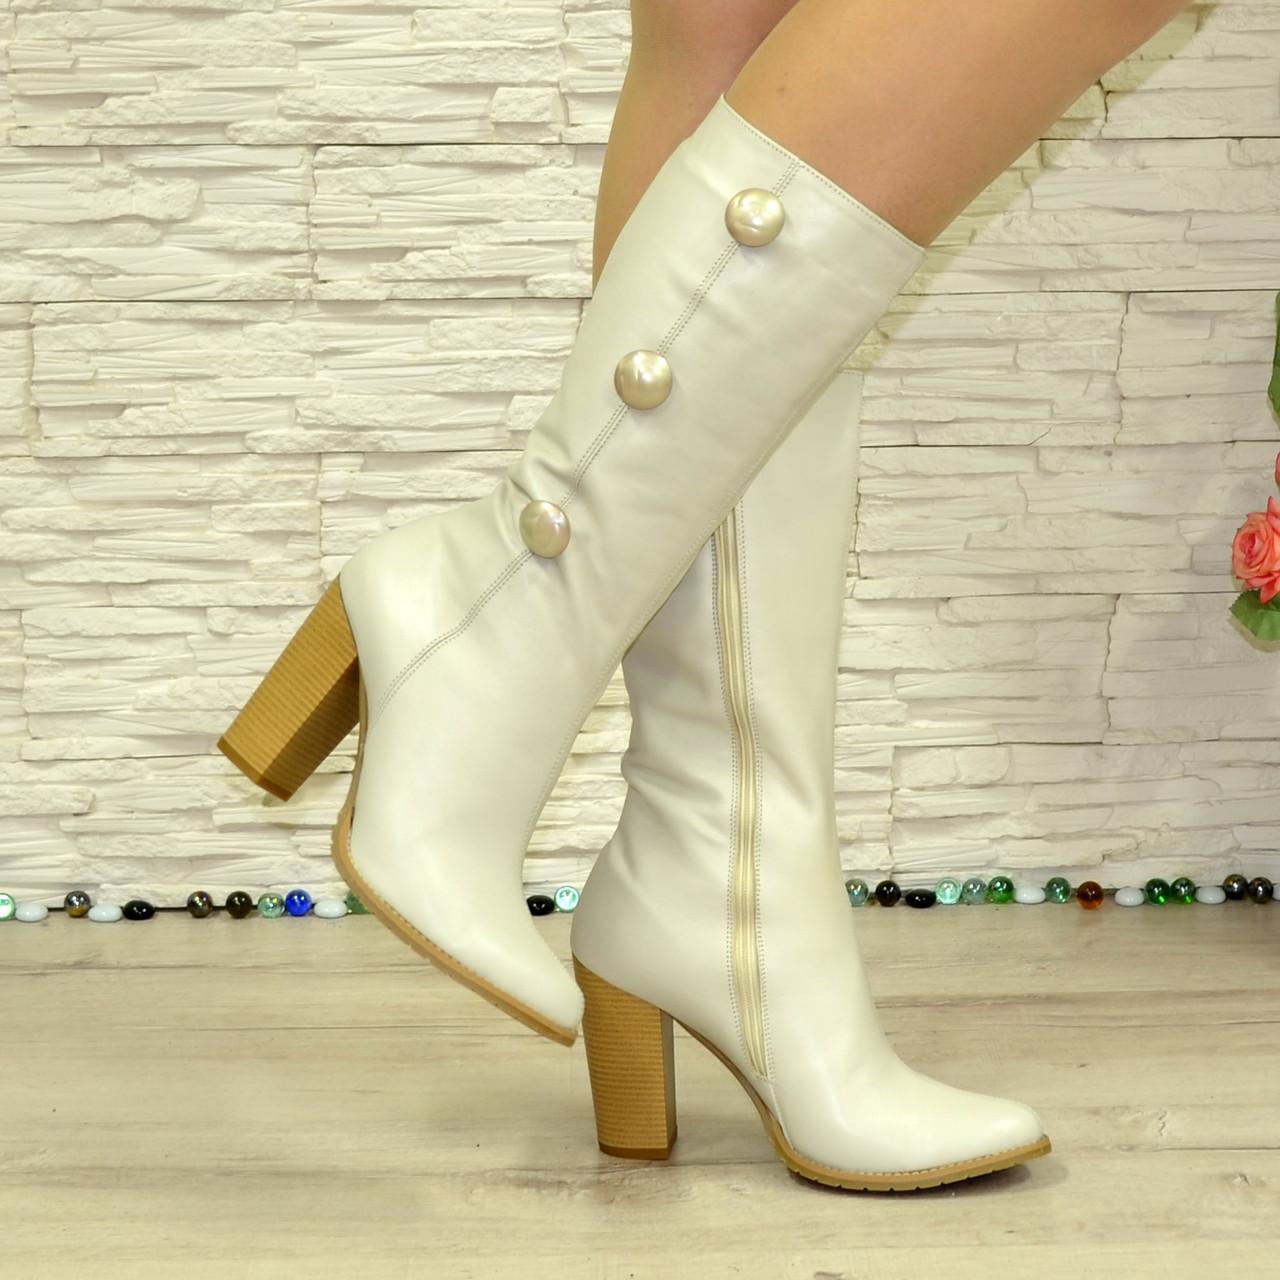 Кожаные бежевые зимние сапоги на каблуке. В наличии 39,40,41 размеры